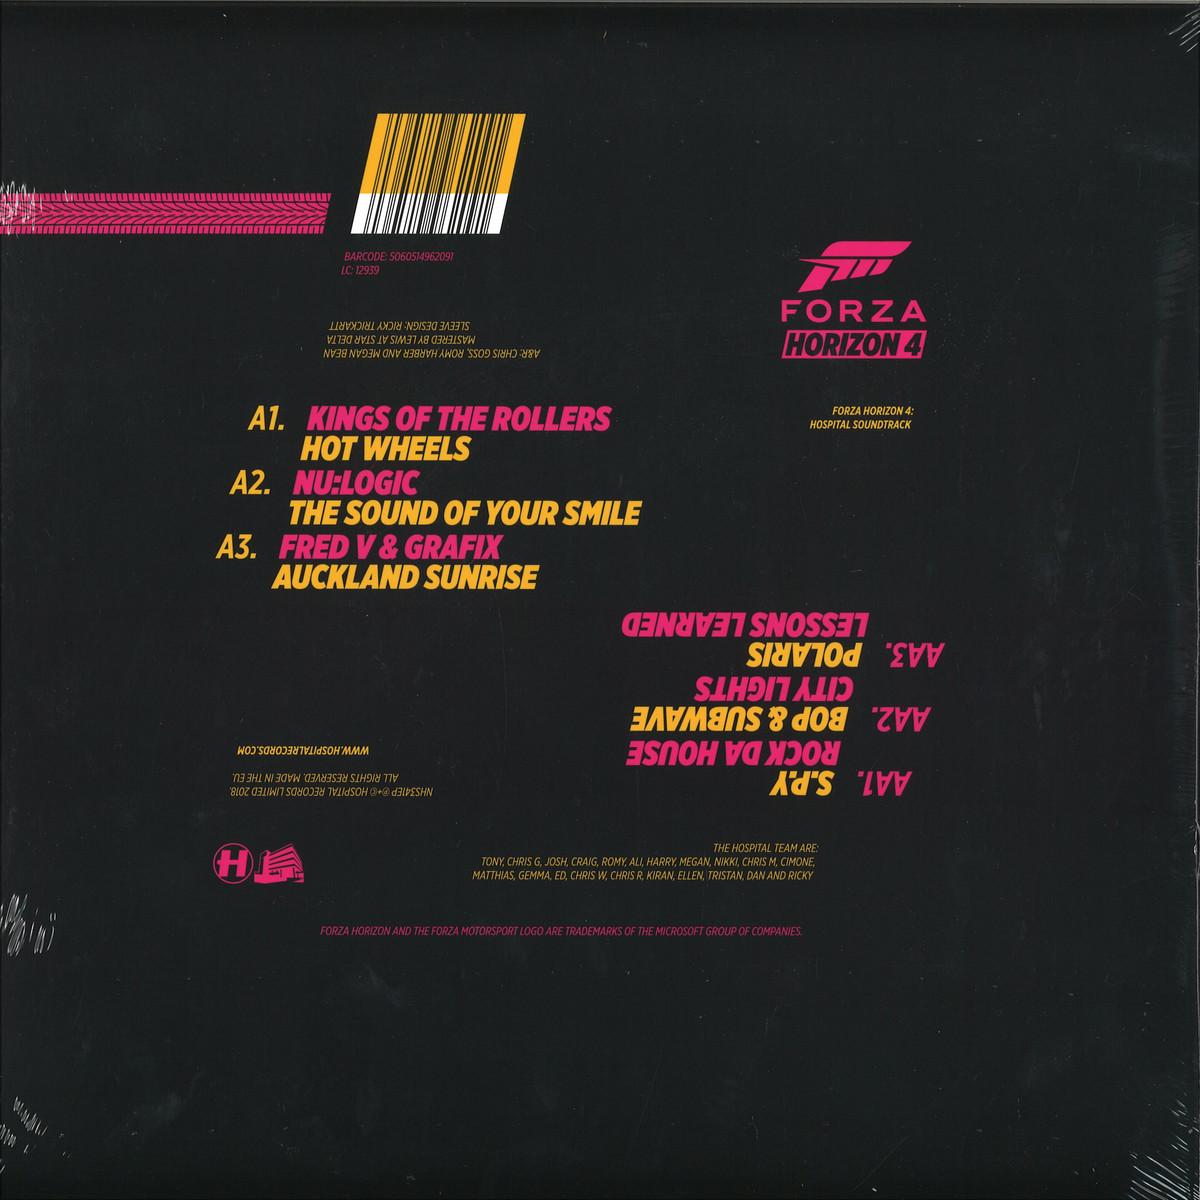 deejay de - Hospital Records